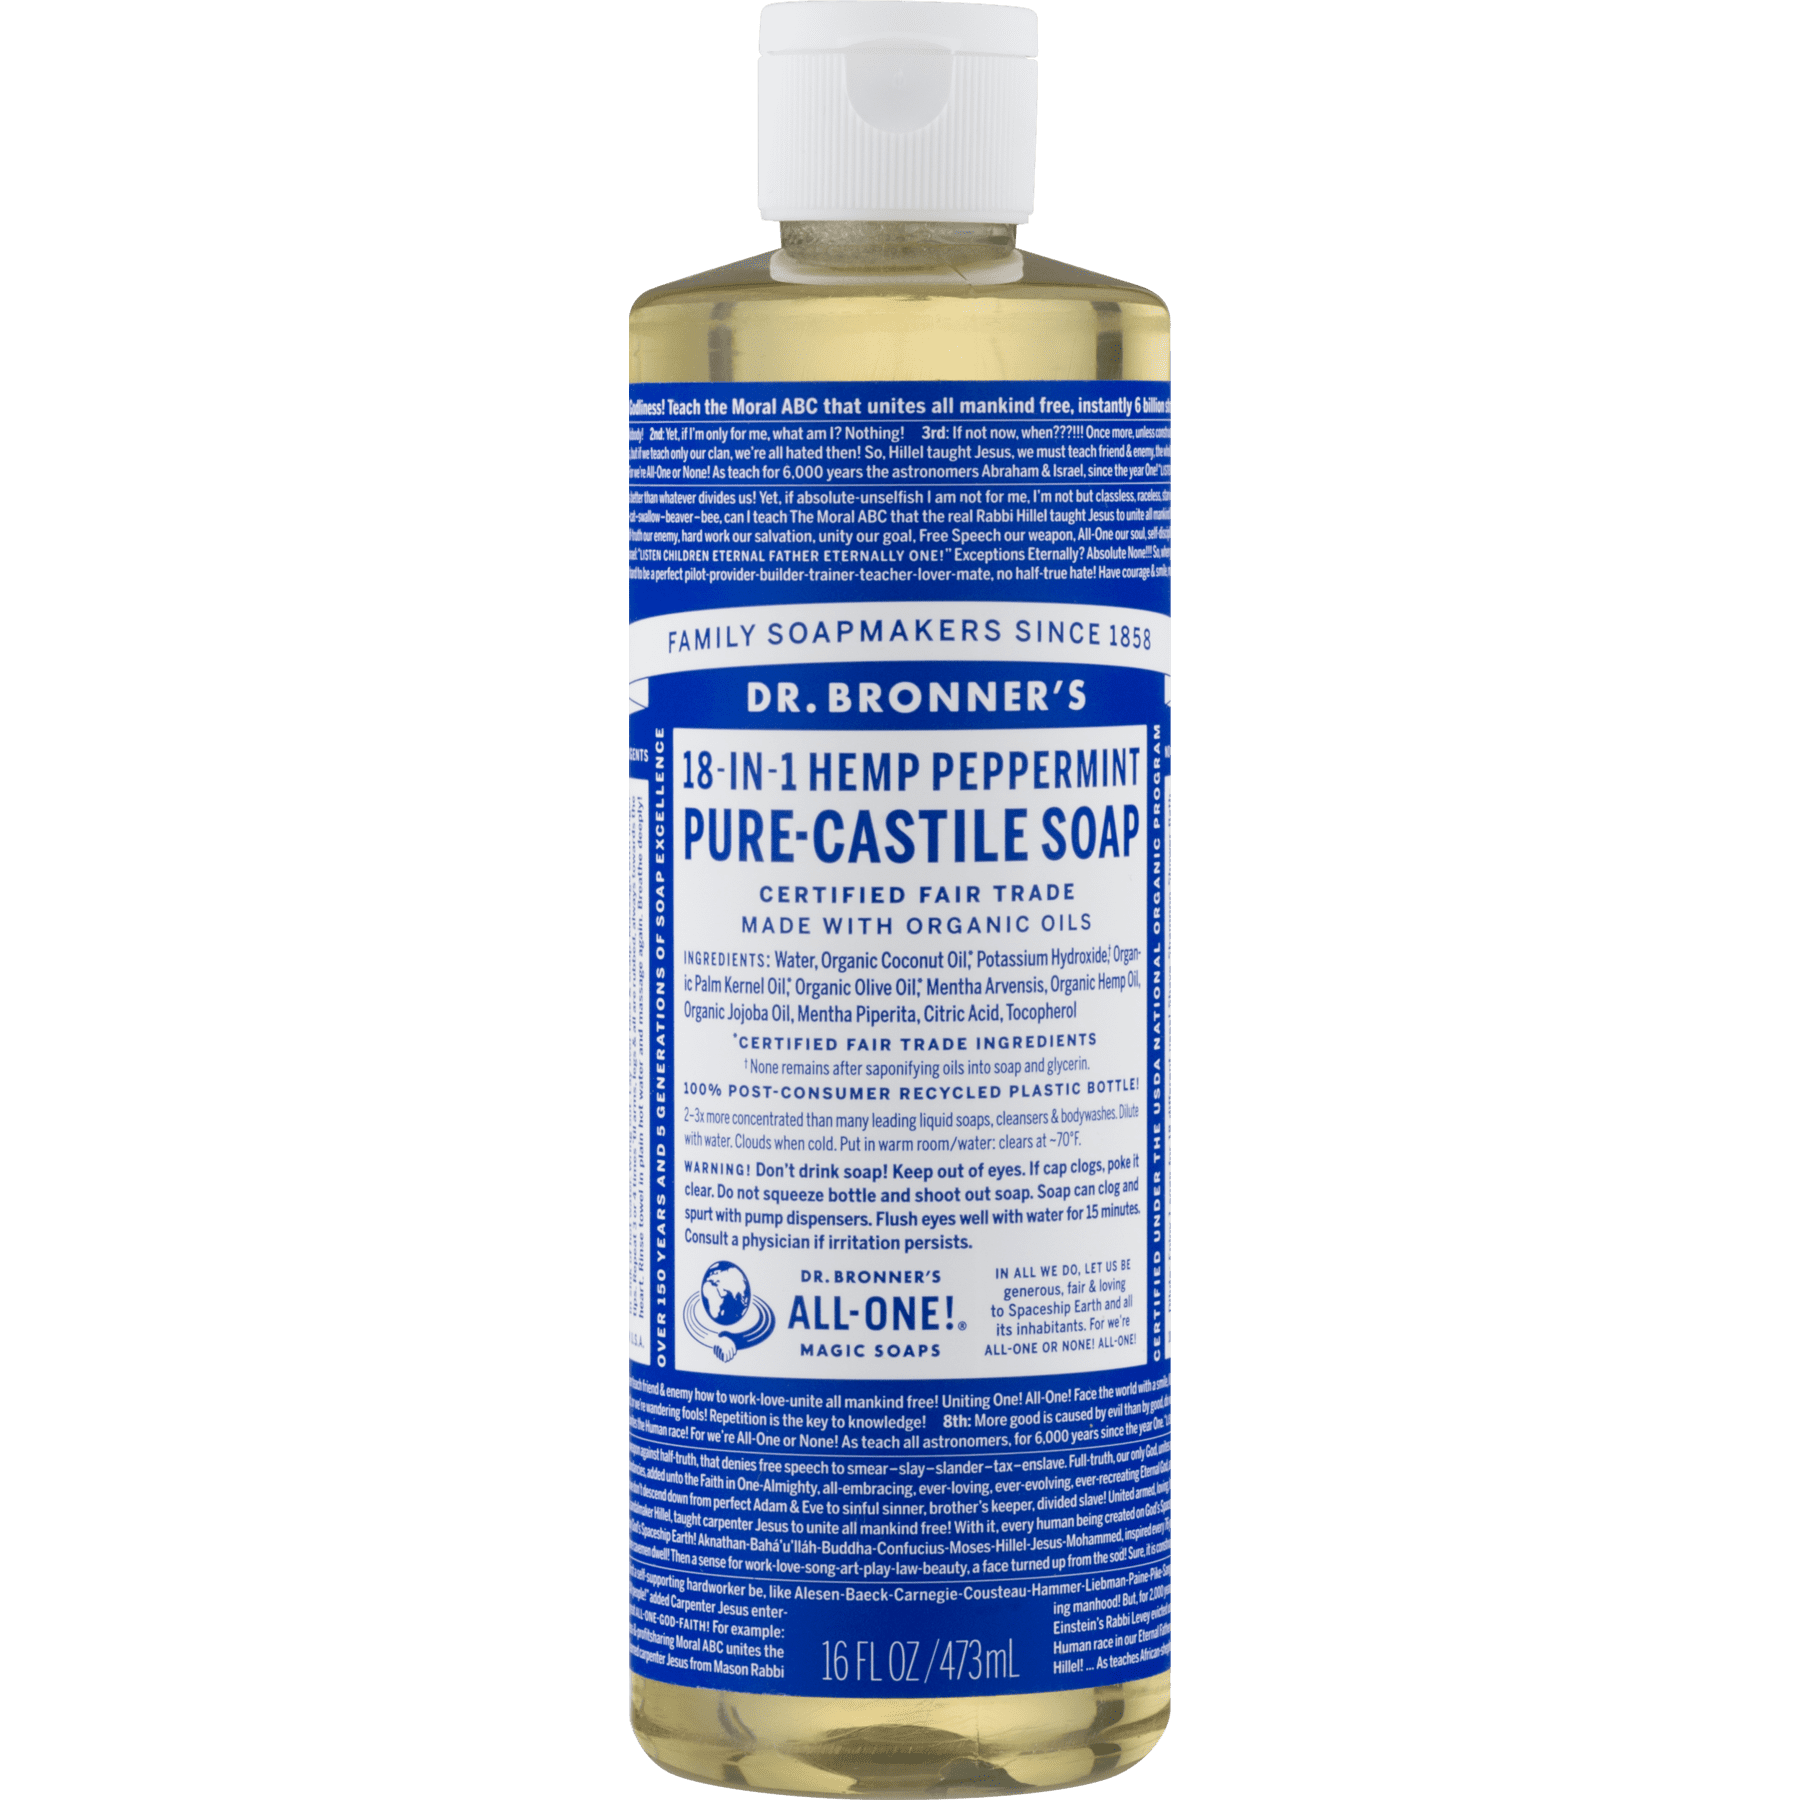 Dr  Bronner's Peppermint Pure-Castile Liquid Soap - 16 oz